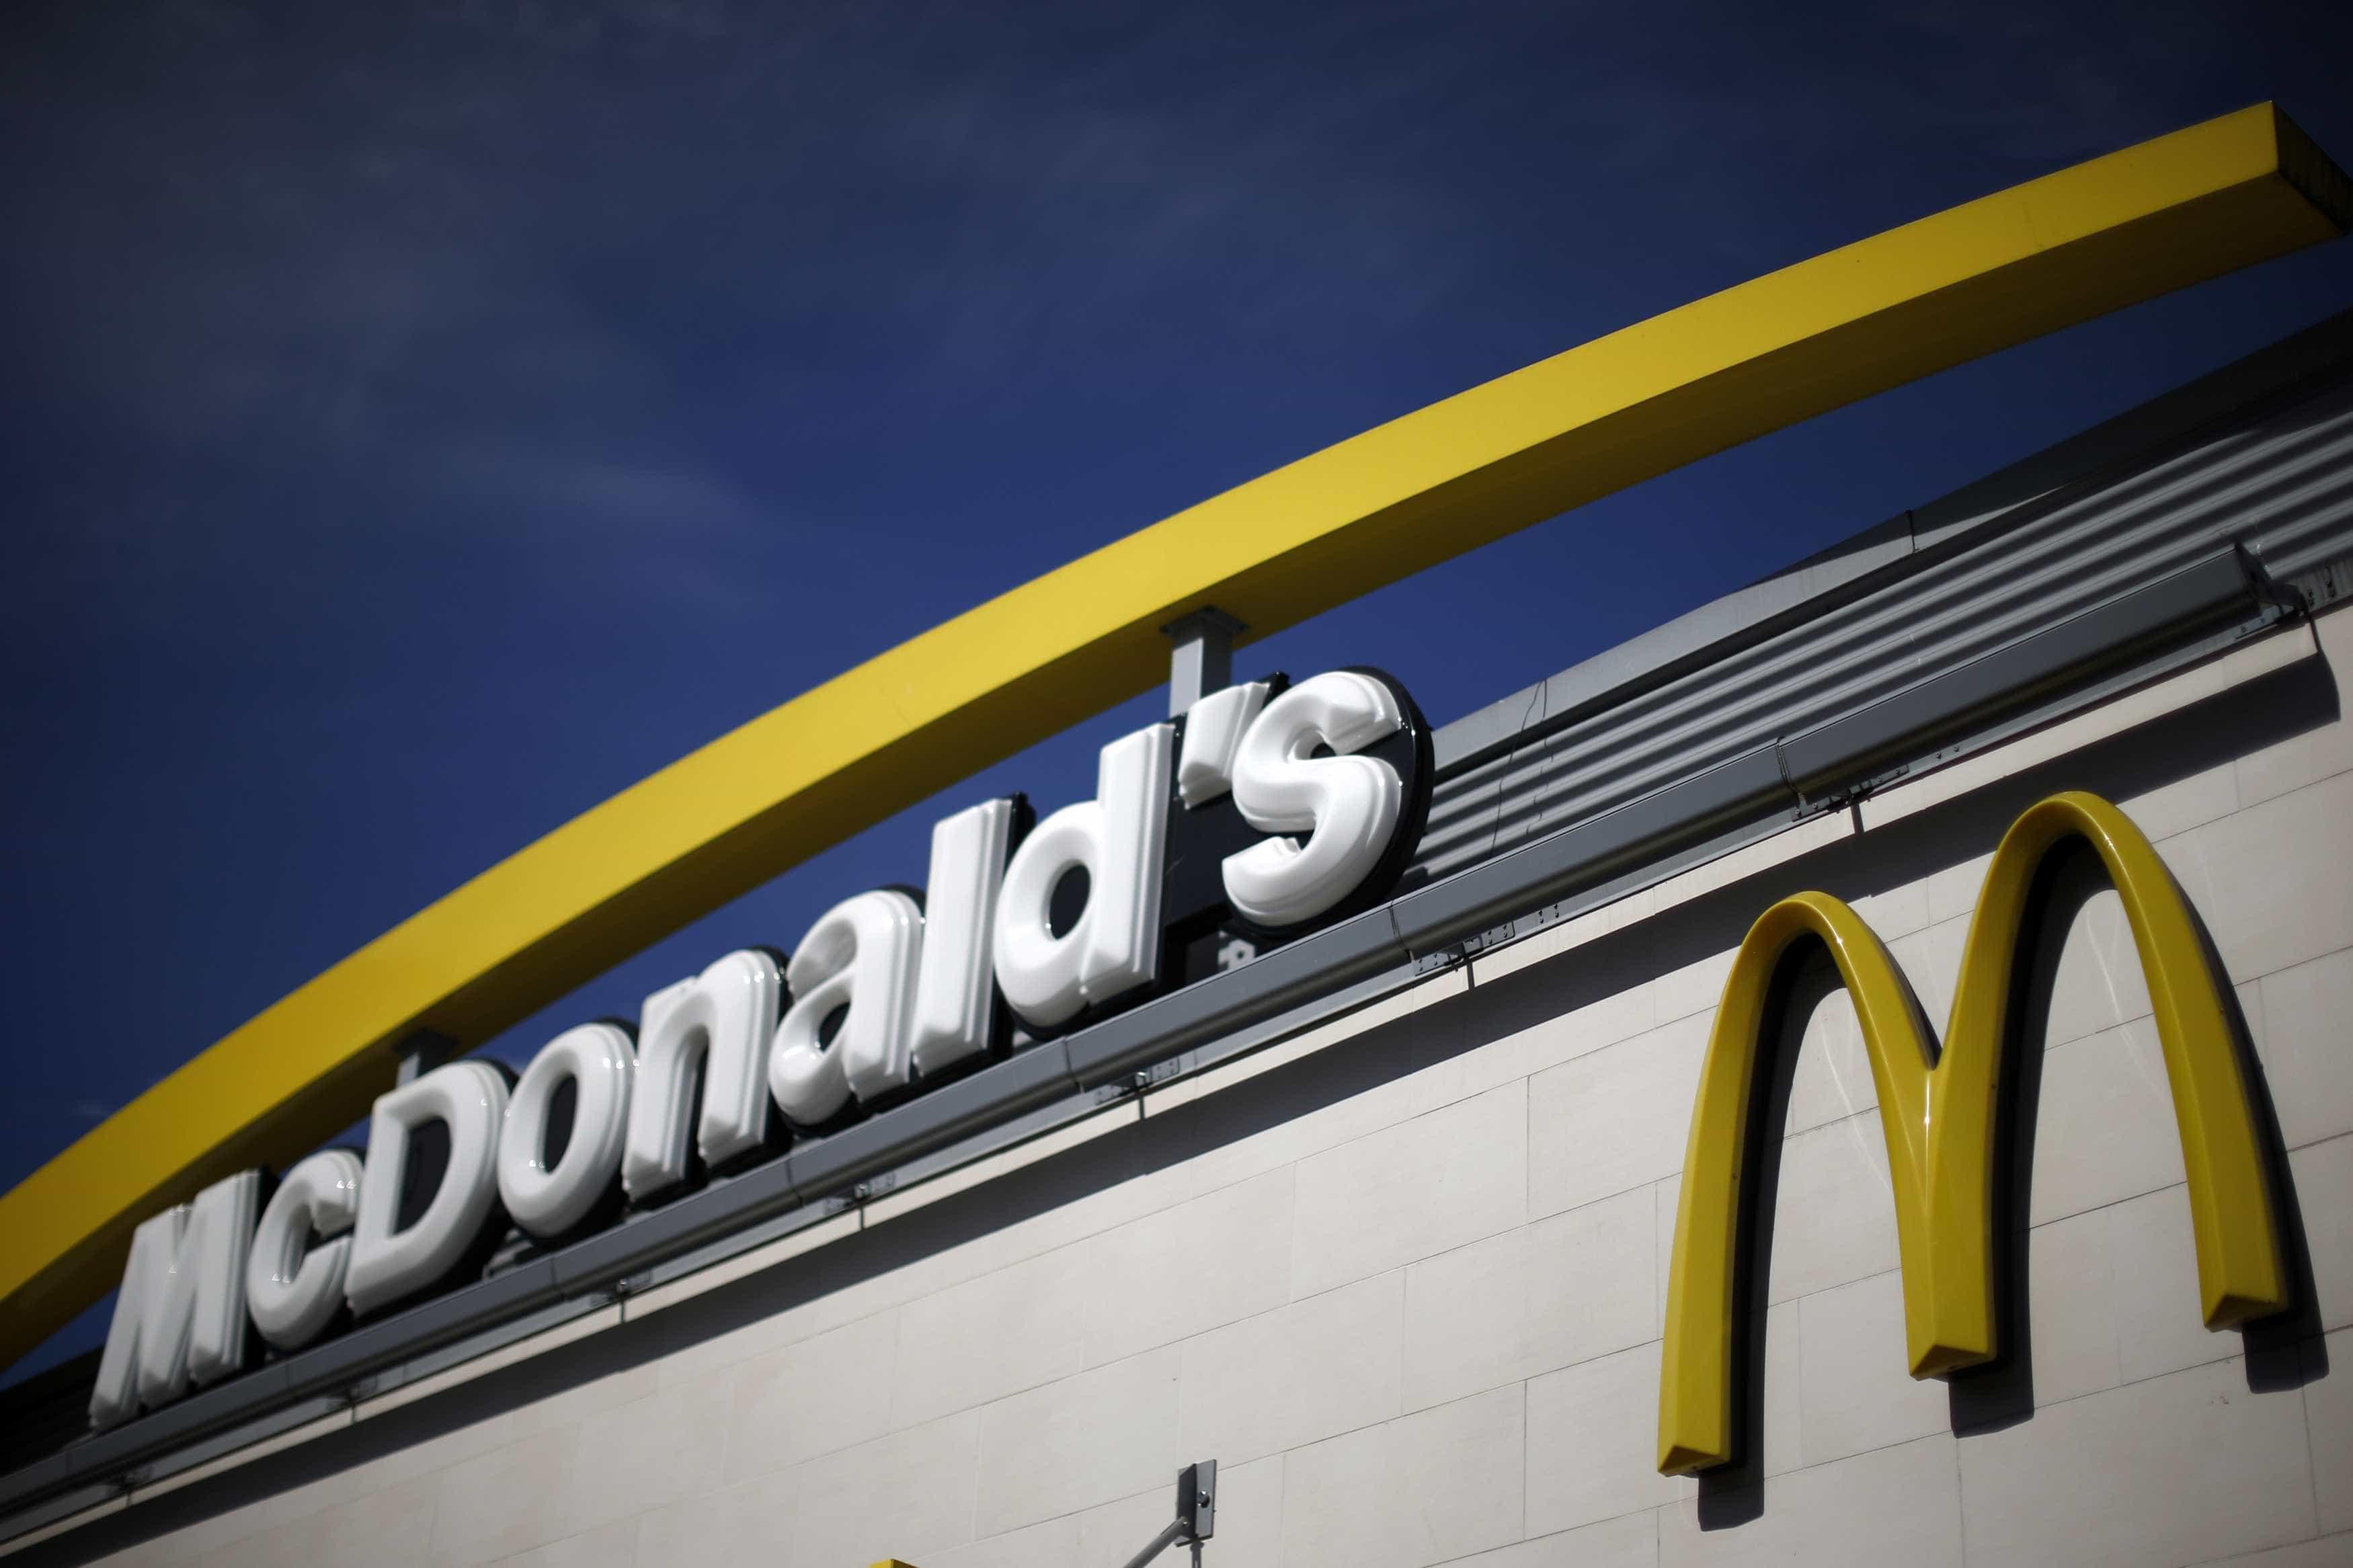 McDonald's prevê acelerar expansão e abrir 20% mais vagas em 2019